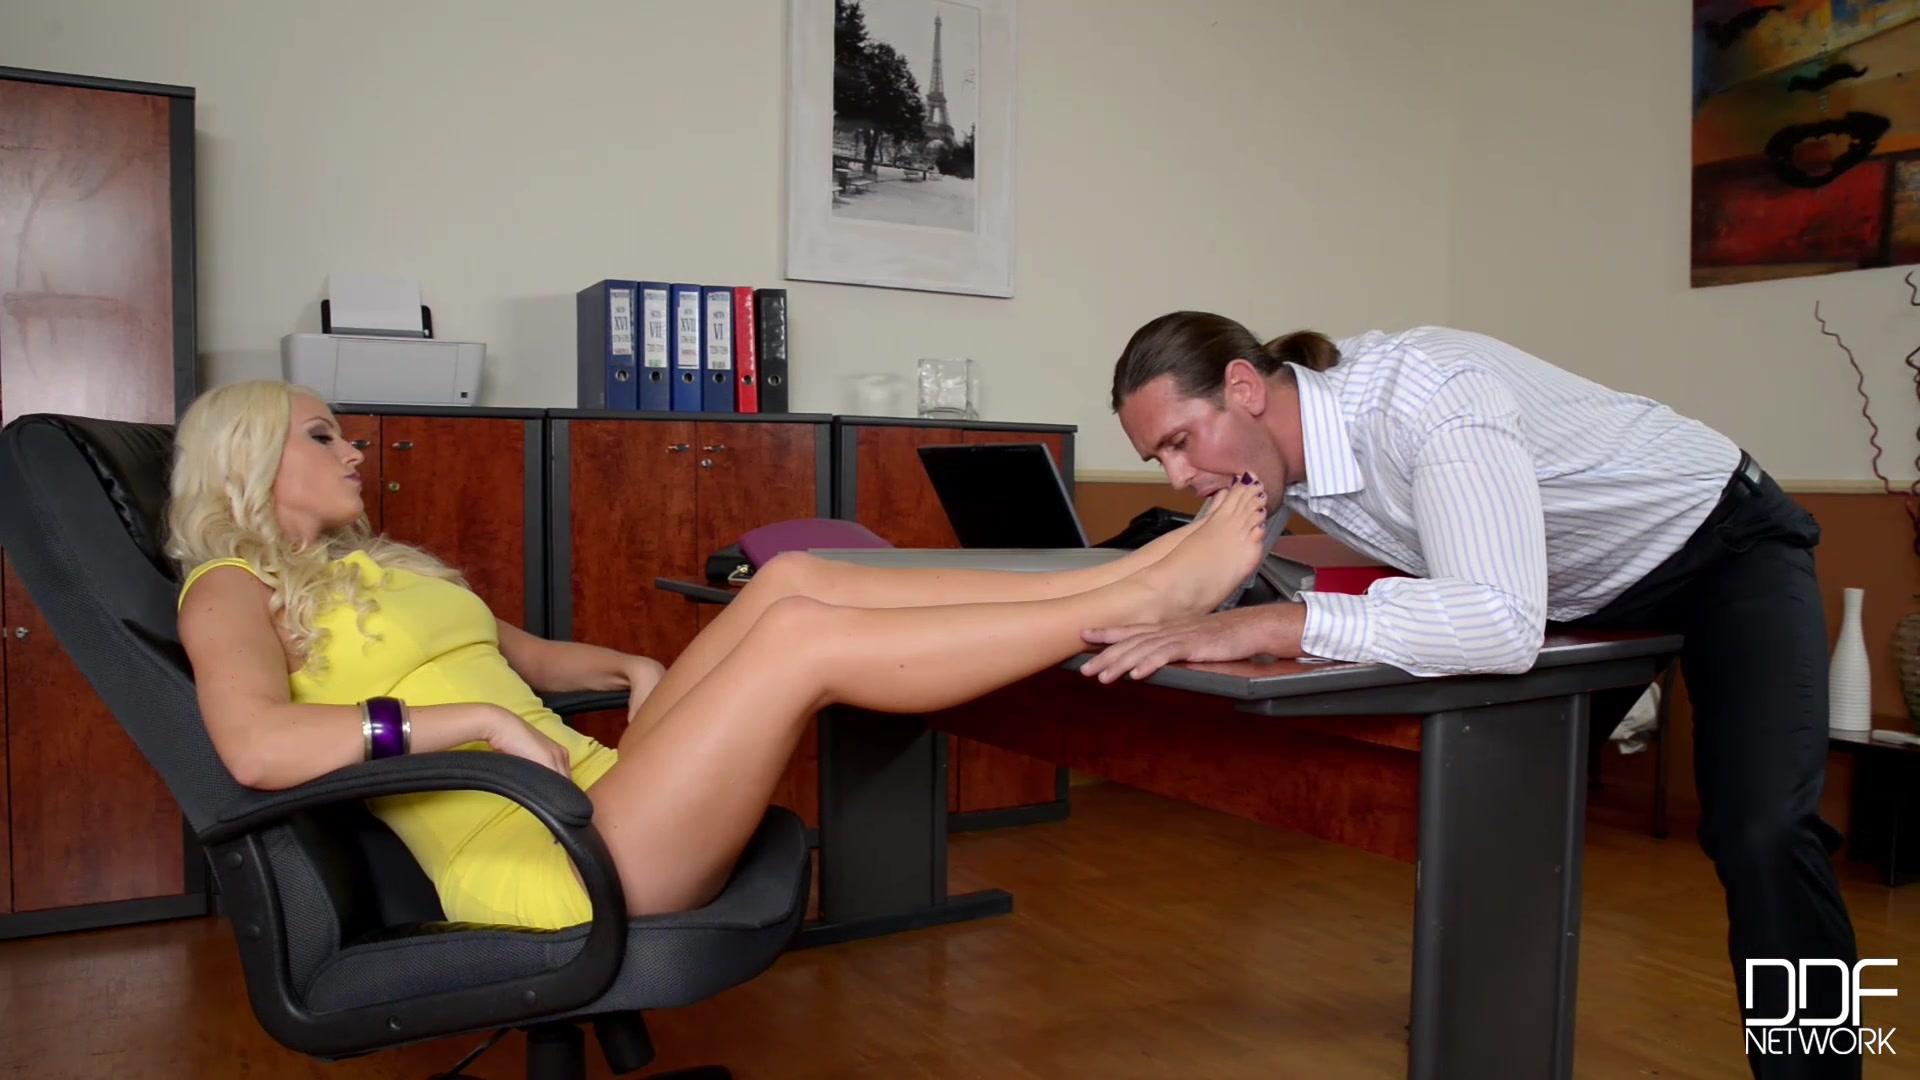 Сексуальная Секретарша Устроила Интим Прямо В Рабочее Время